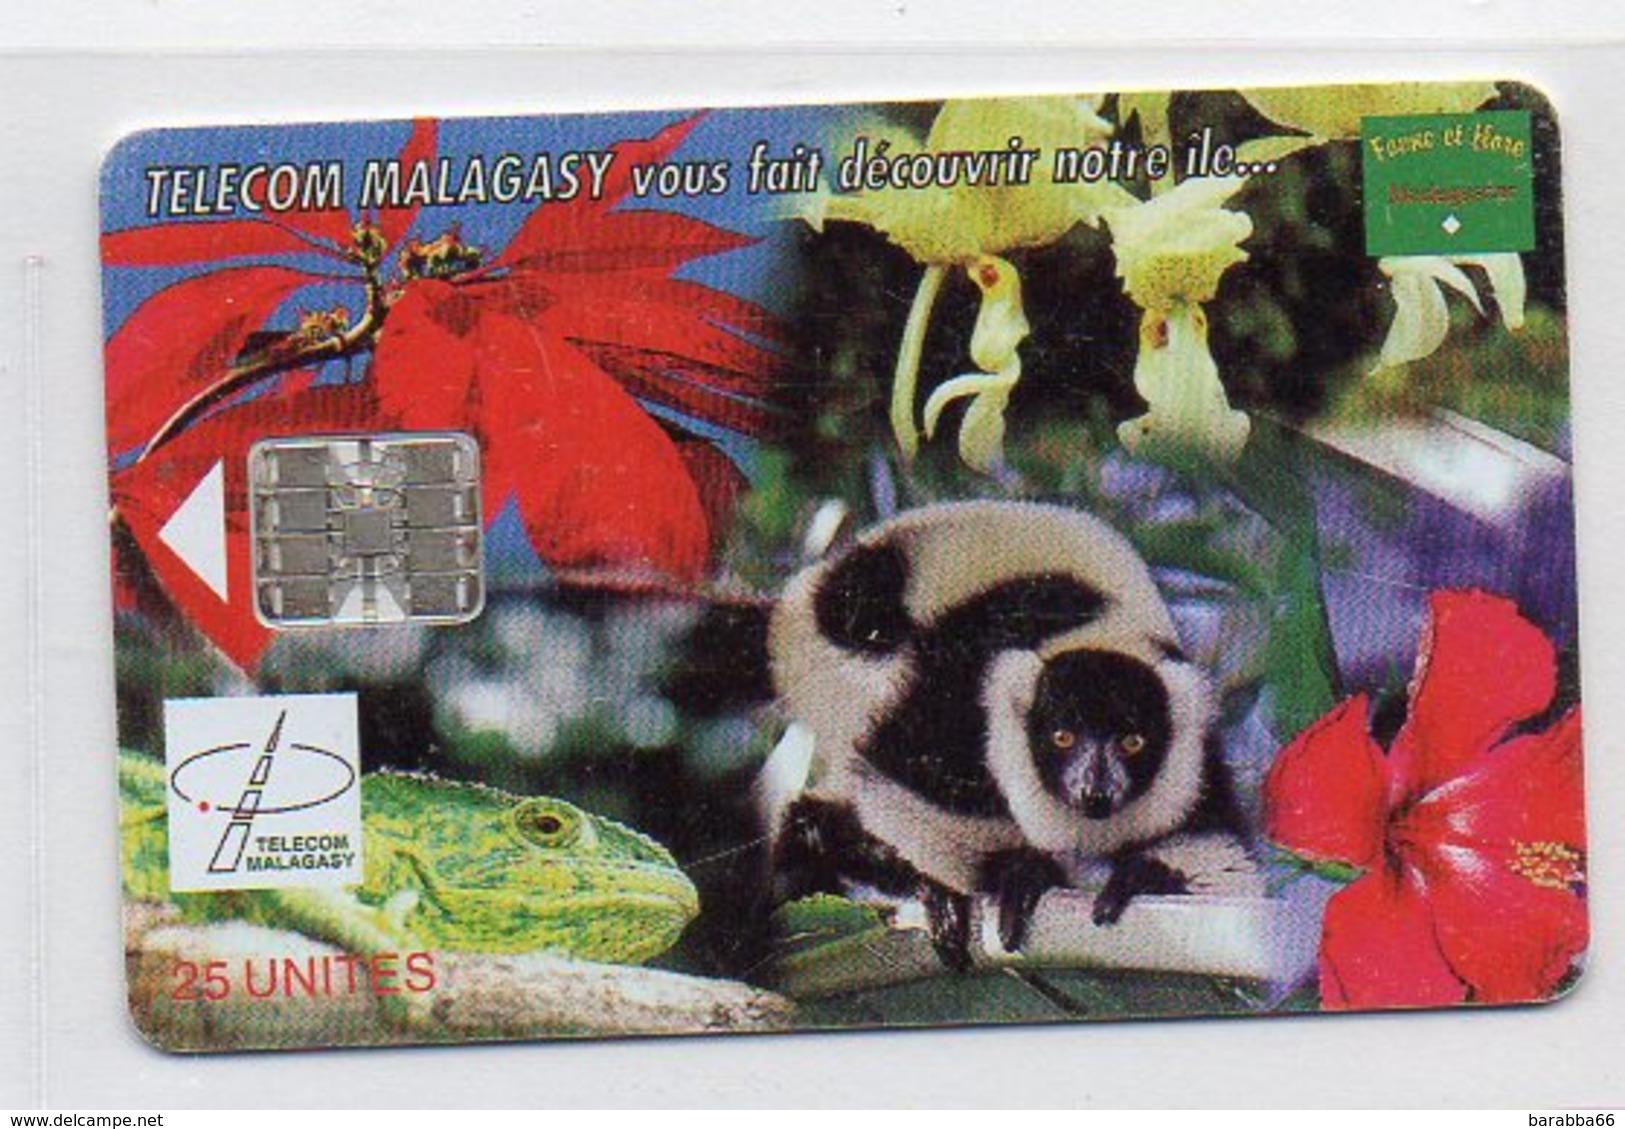 25 UNITES - TELECOM MALAGASY Vous Fait Decouvrir Notre Ile ... - Madagaskar